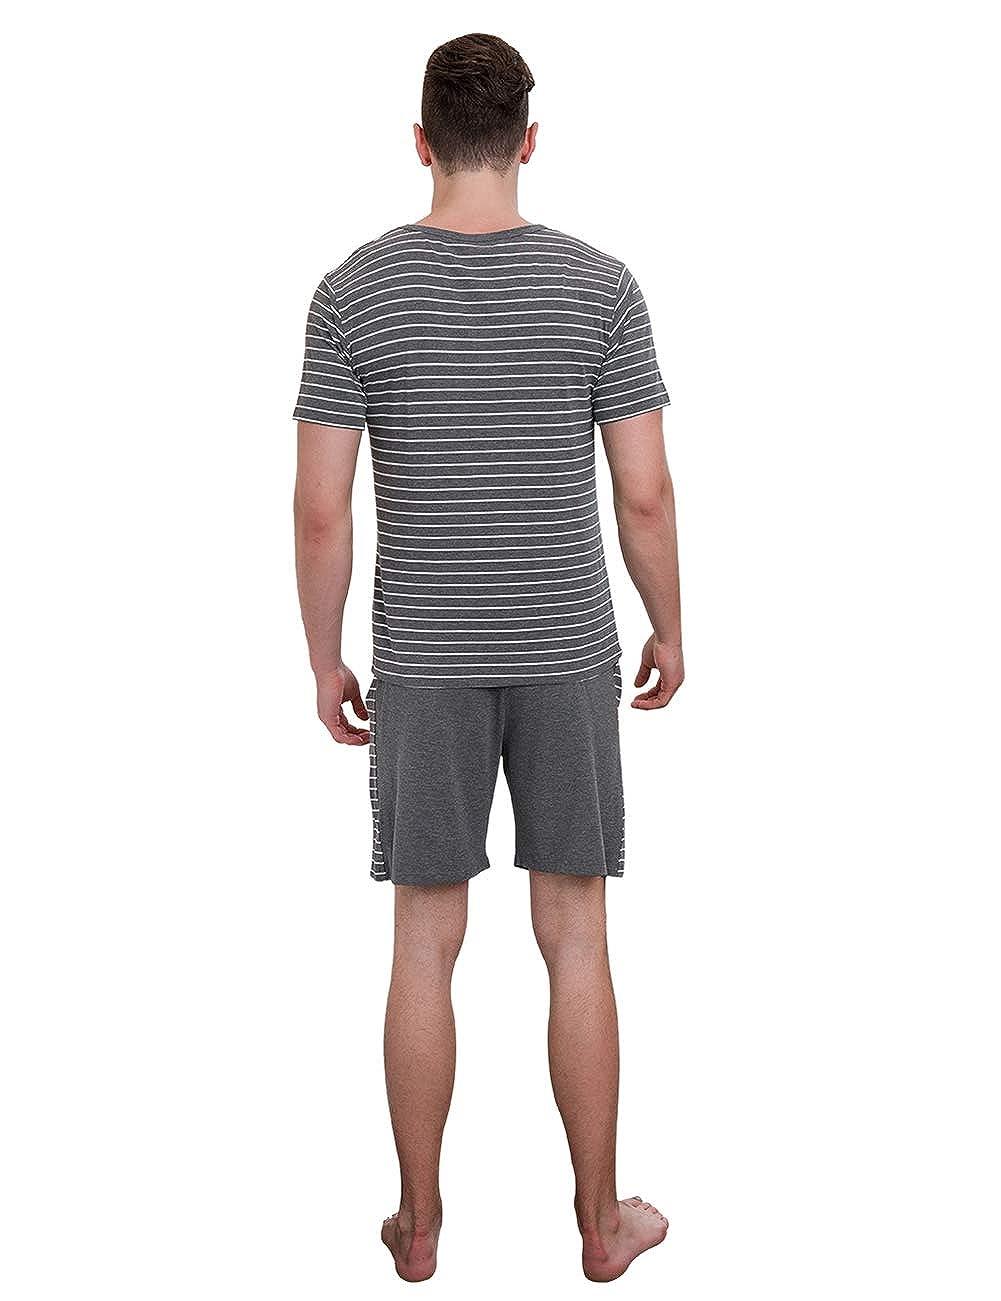 NAI-S Pigiama Uomo a Due Pezzi Pigiama da Uomo in Cotone Pantaloncini a Maniche Corte Abbigliamento Casual Estivo